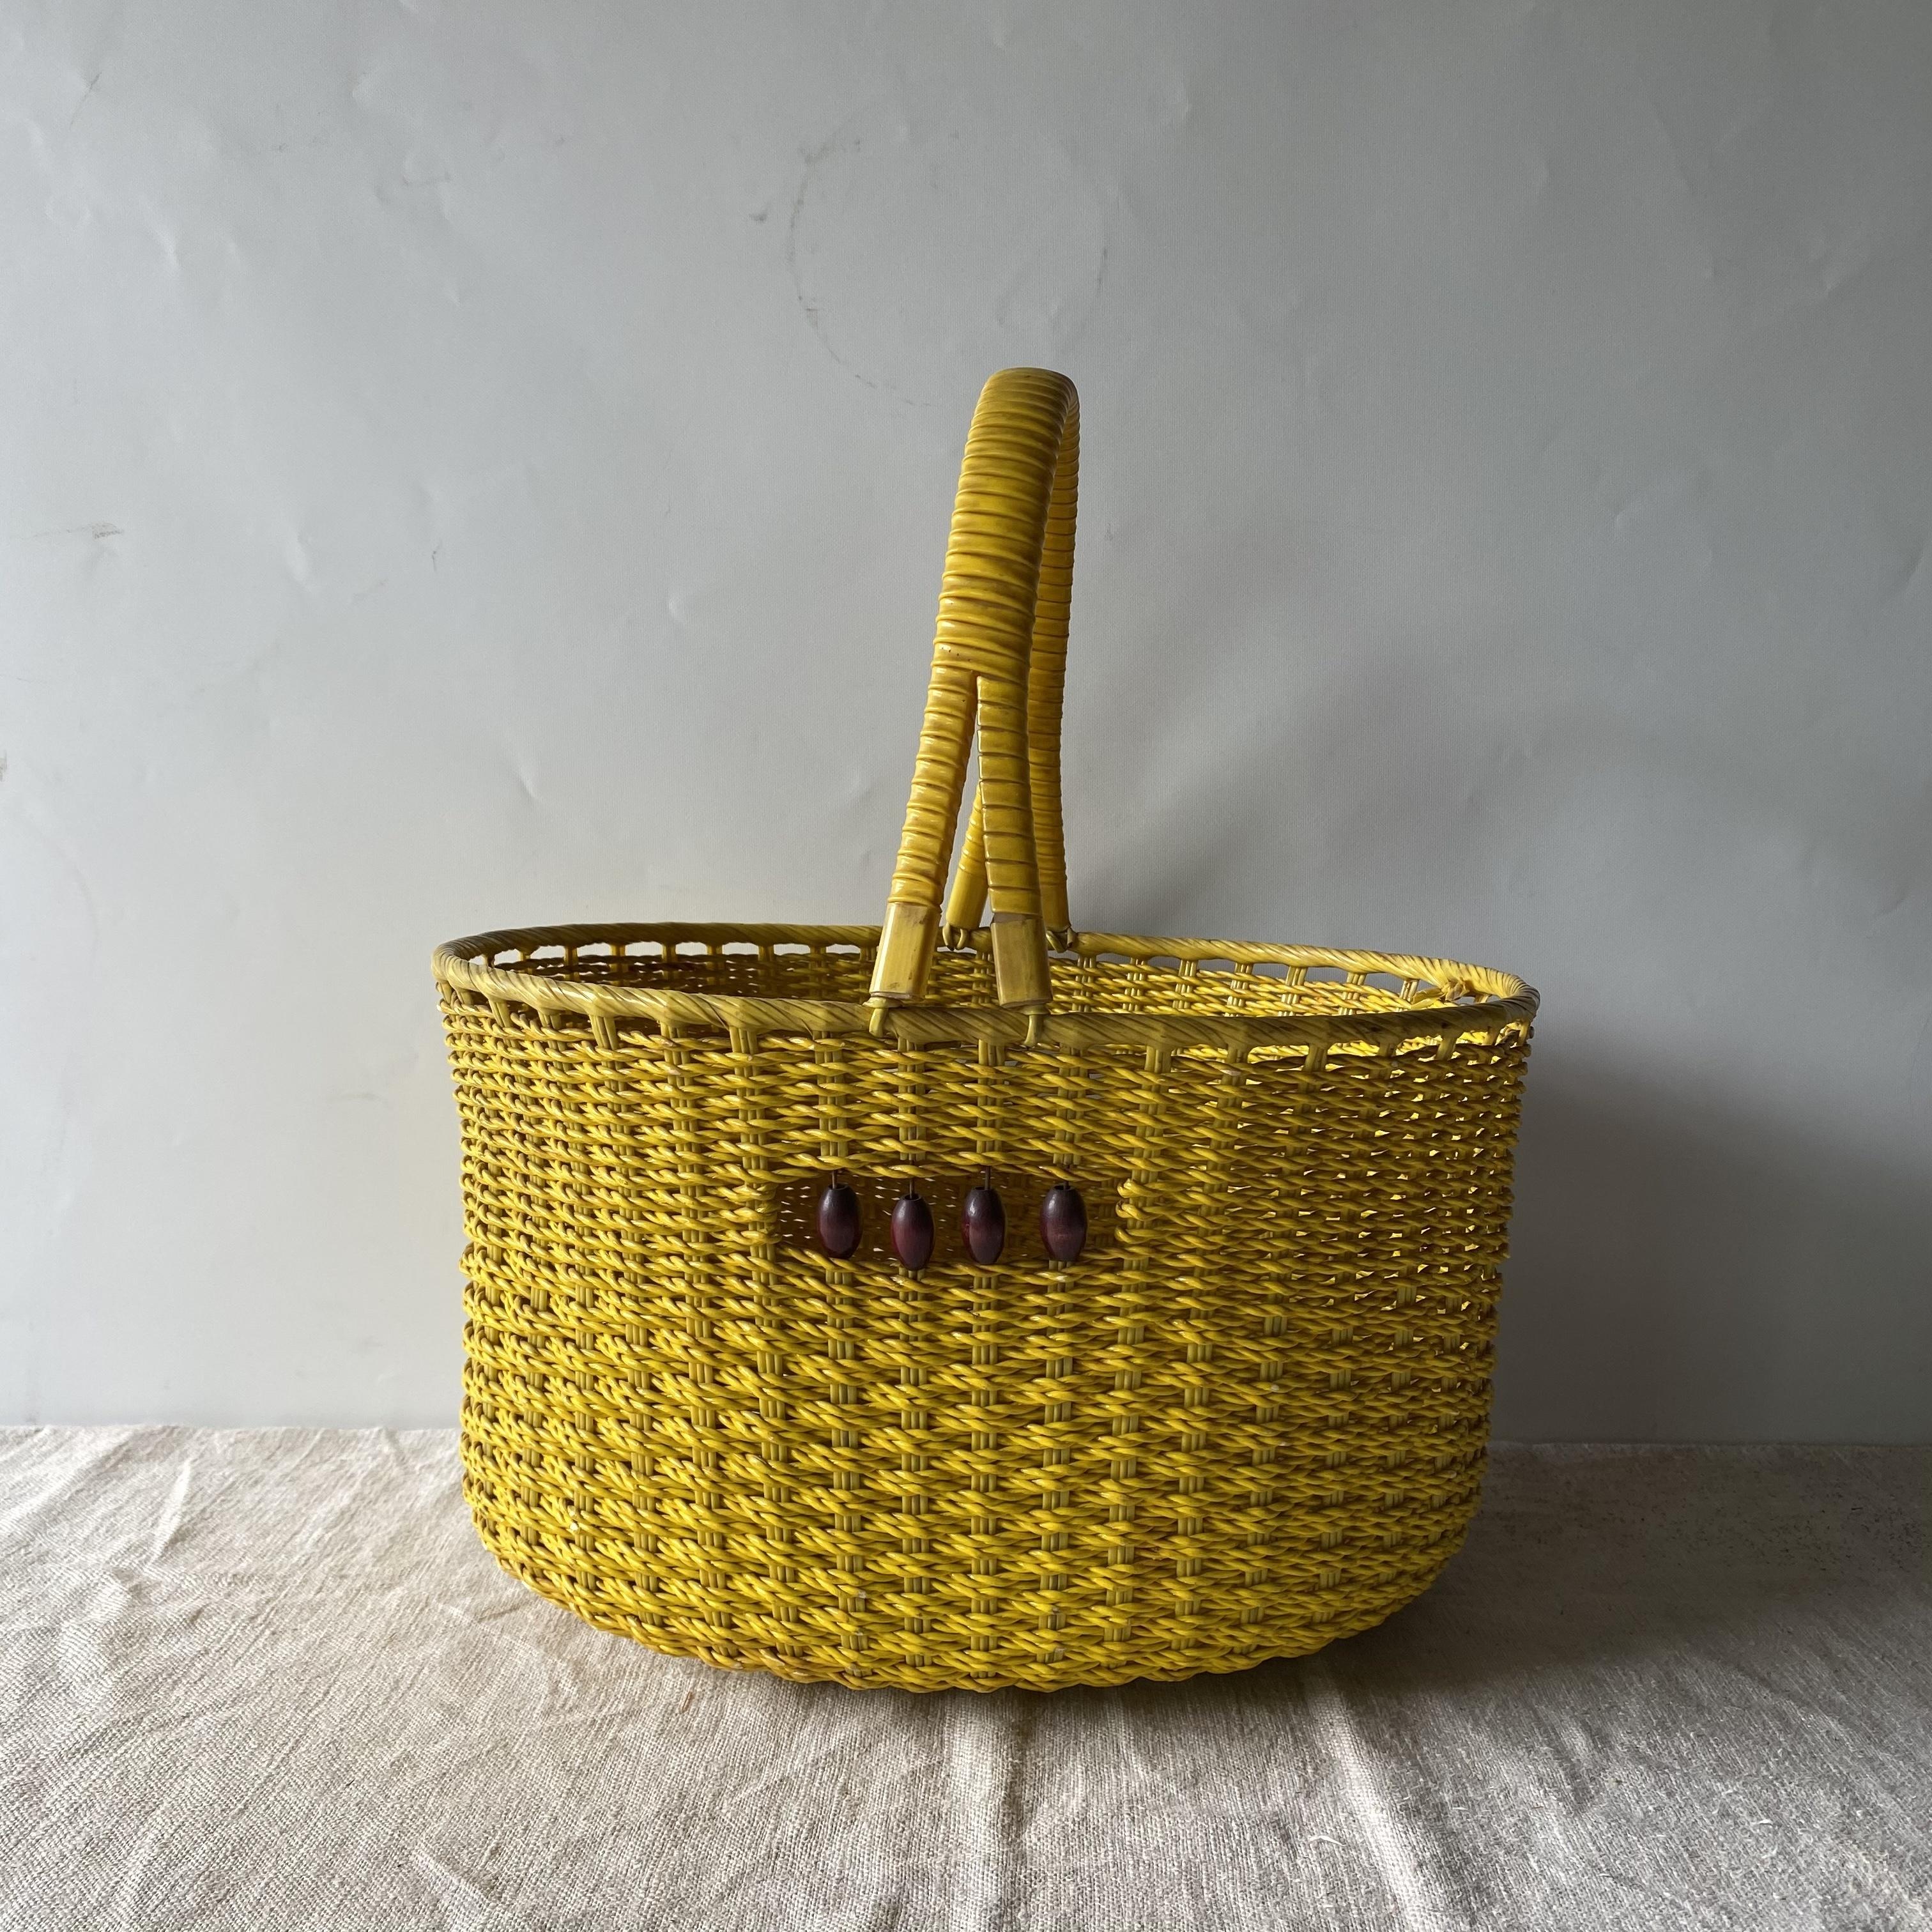 買い物カゴ 昭和レトロ 天然生活 バスケット レトロ